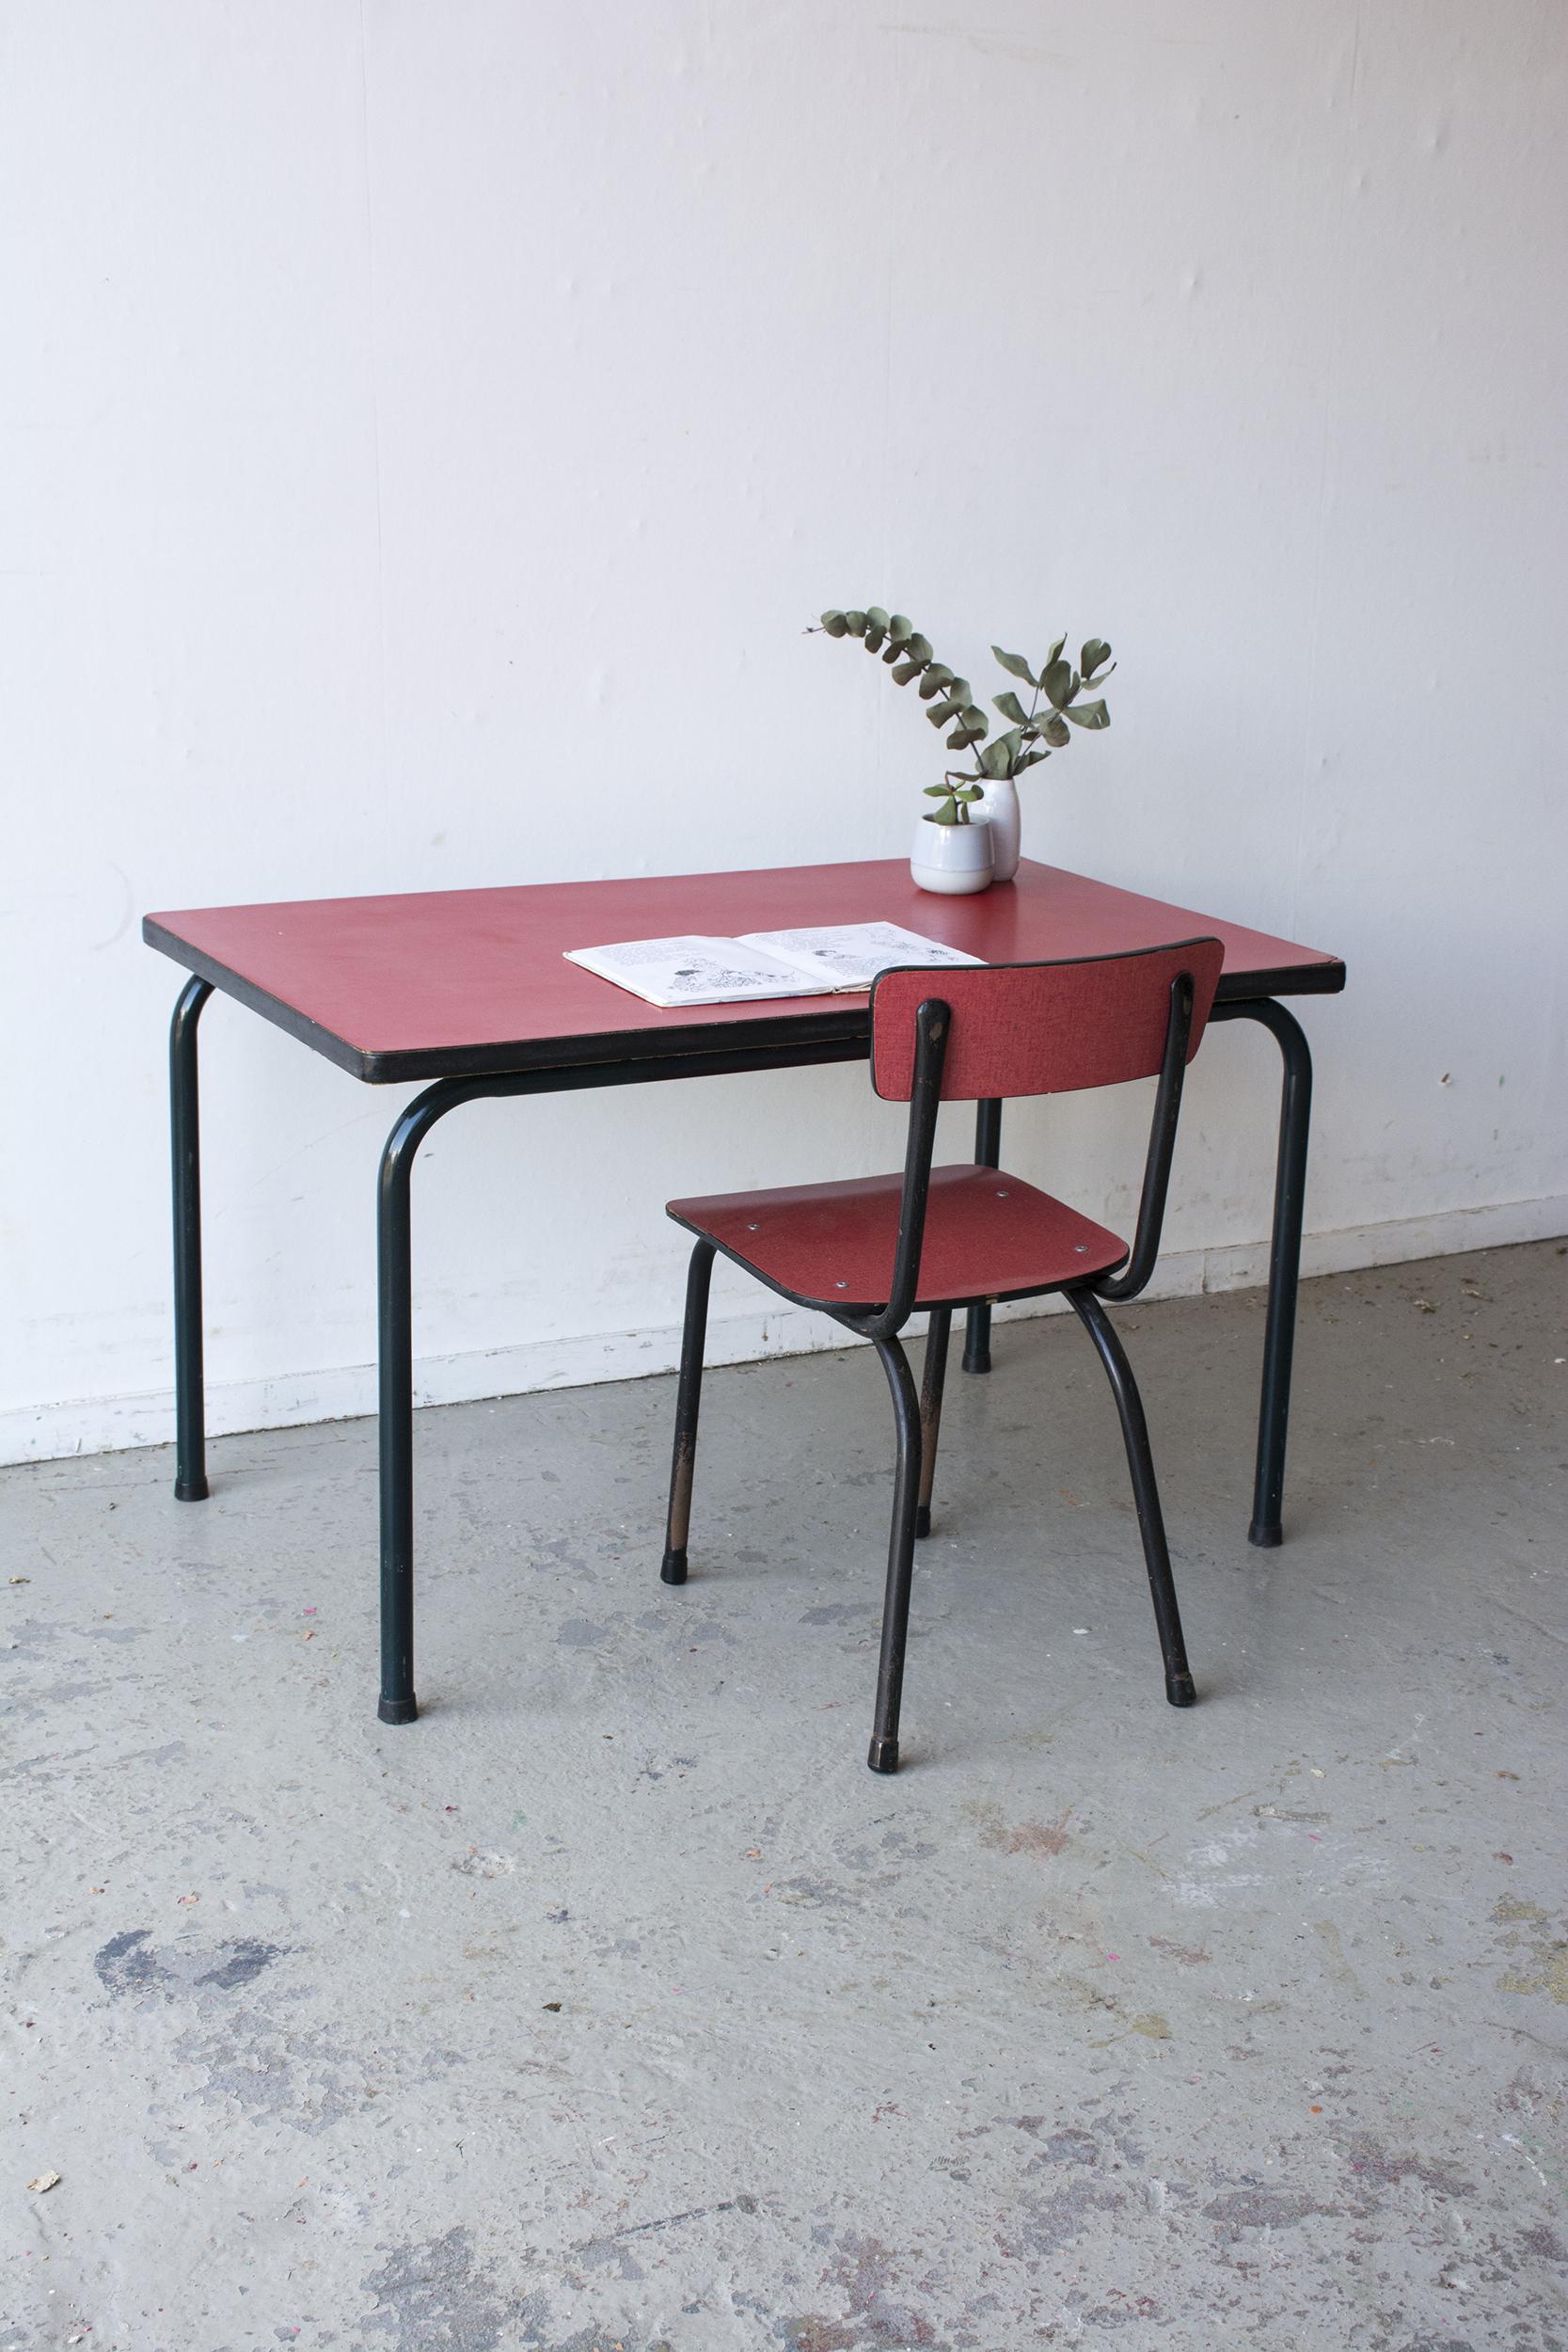 rood formica tafeltje met stoeltje - Firma zoethout.jpg